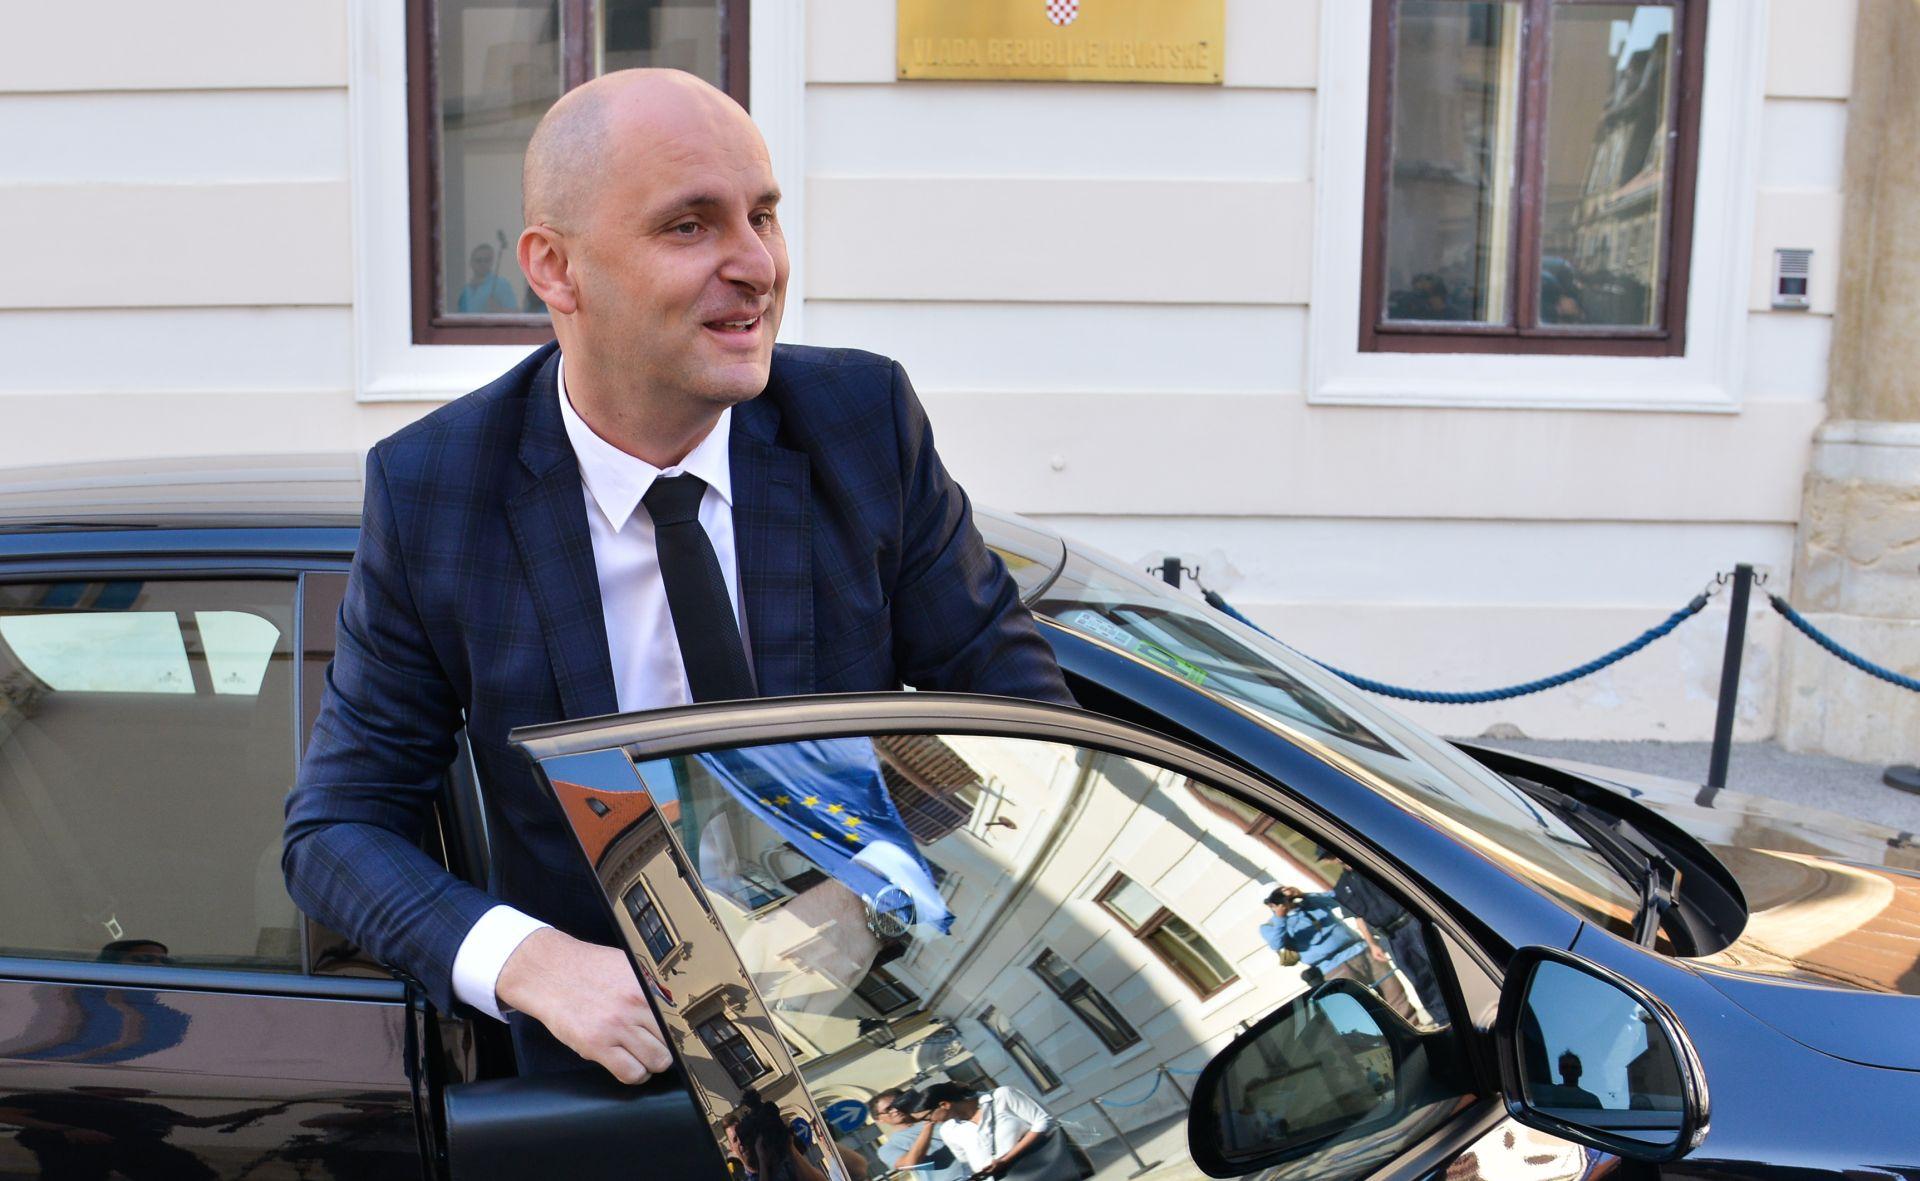 Tolušić najavio da će idućih mjeseci dogovoriti sa susjedima zadovoljavajuću cijenu nadzora uvoza voća i povrća